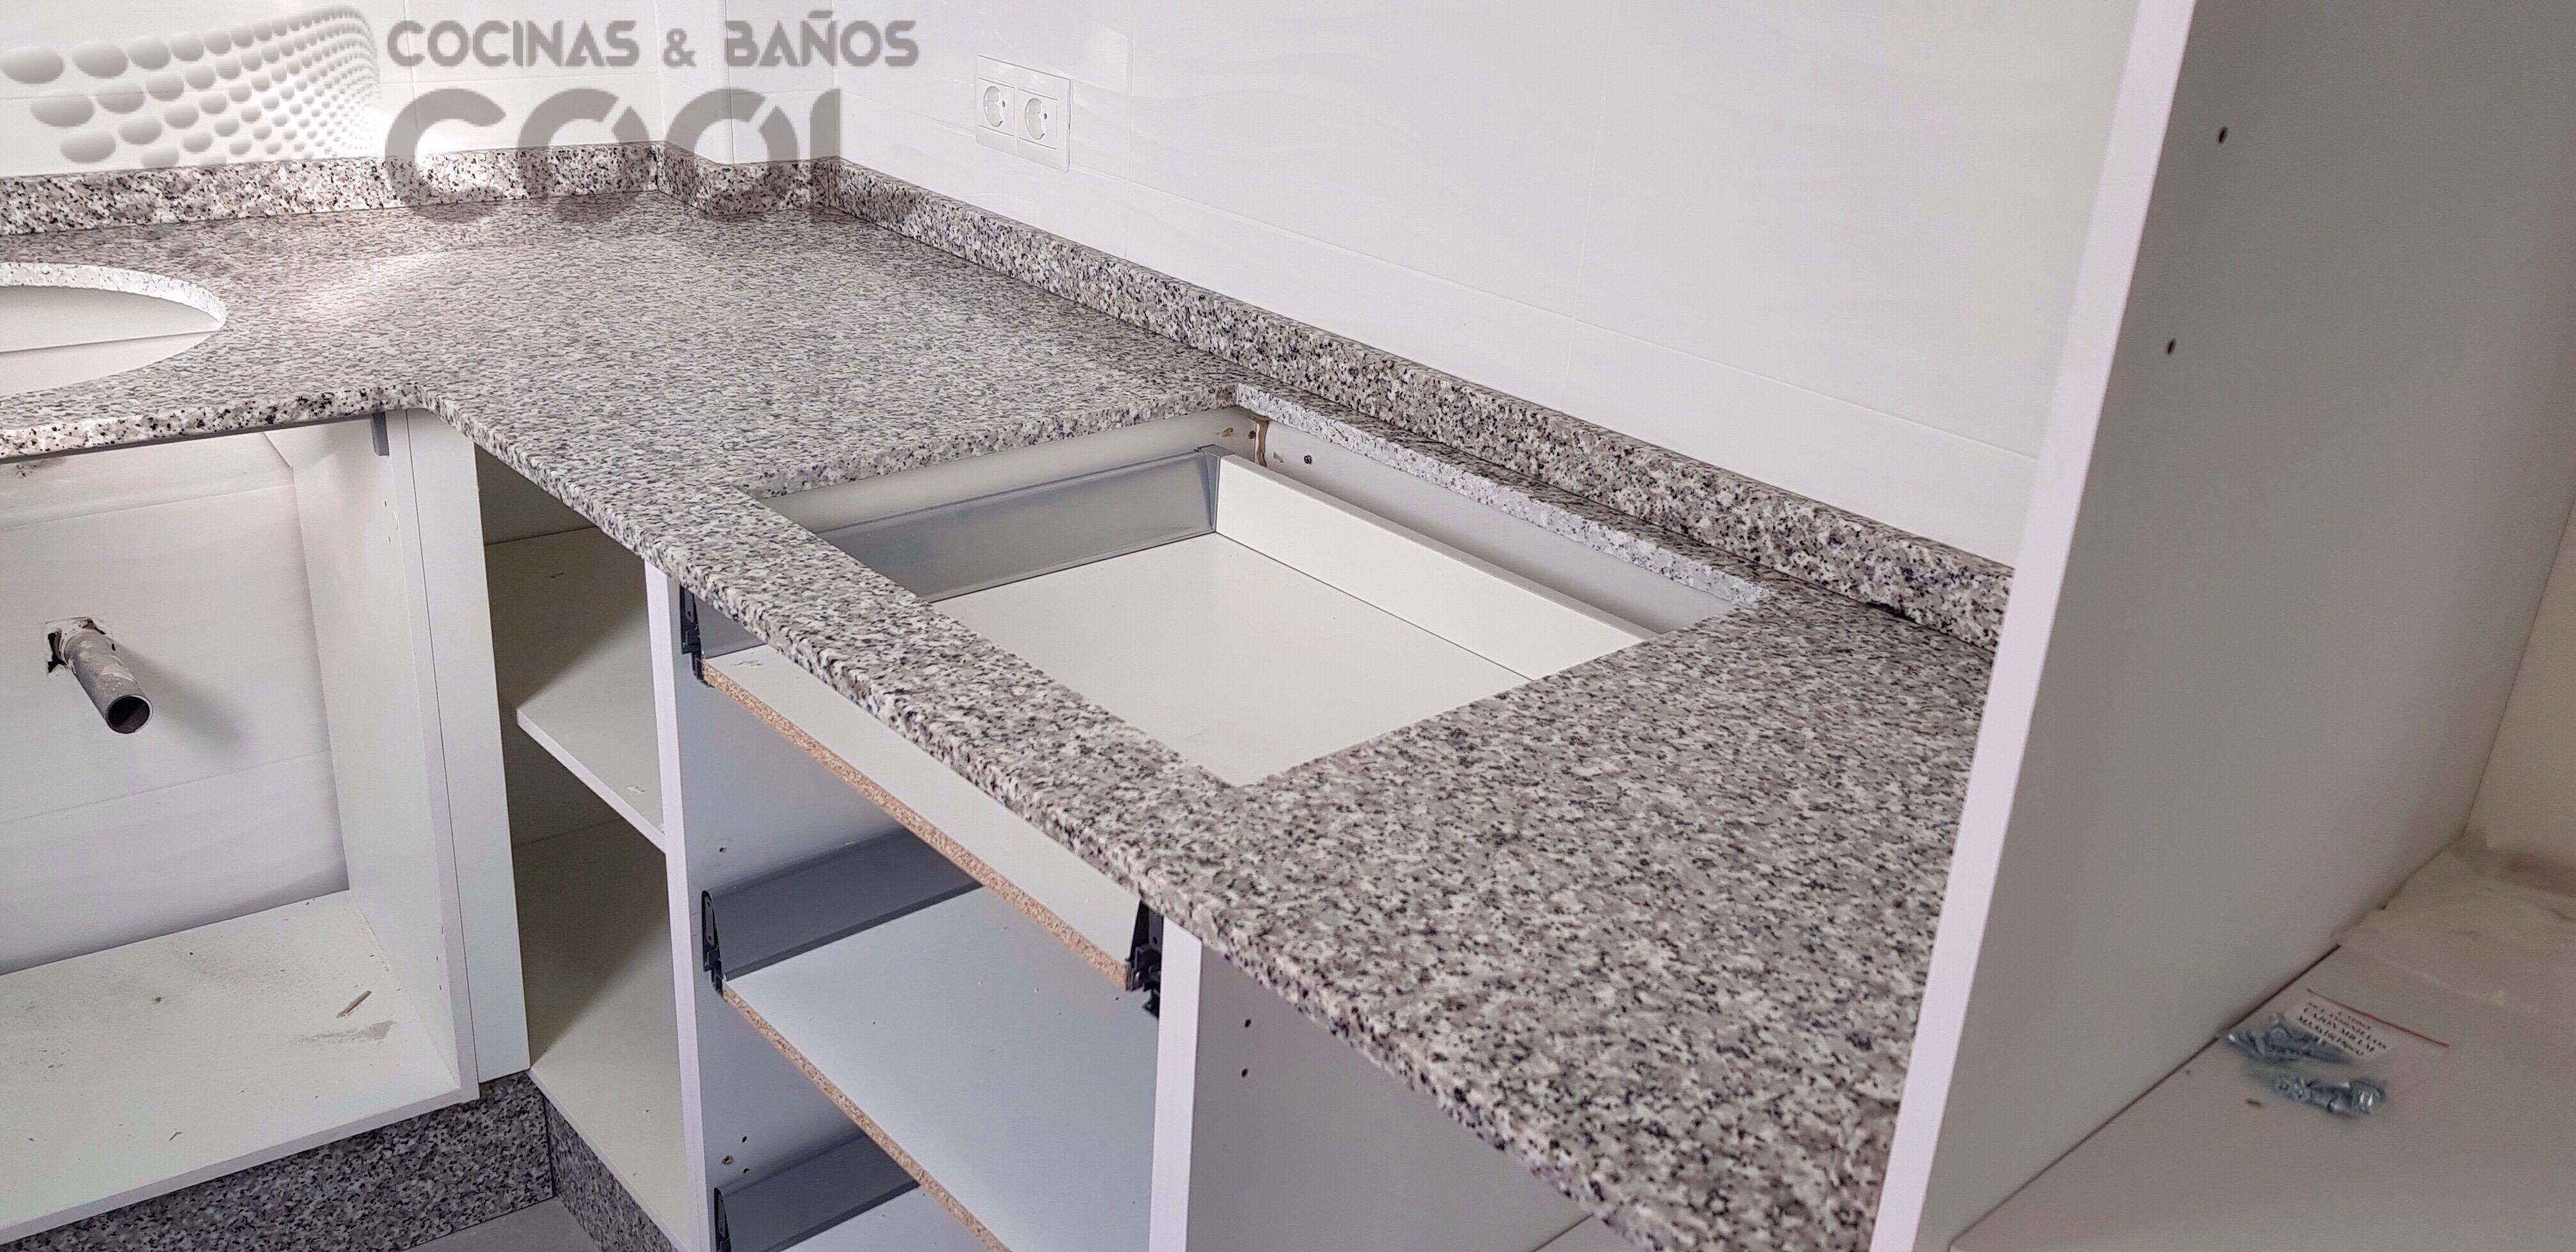 Encimera granito nacional blanco perla cool encimeras for Encimeras de granito baratas